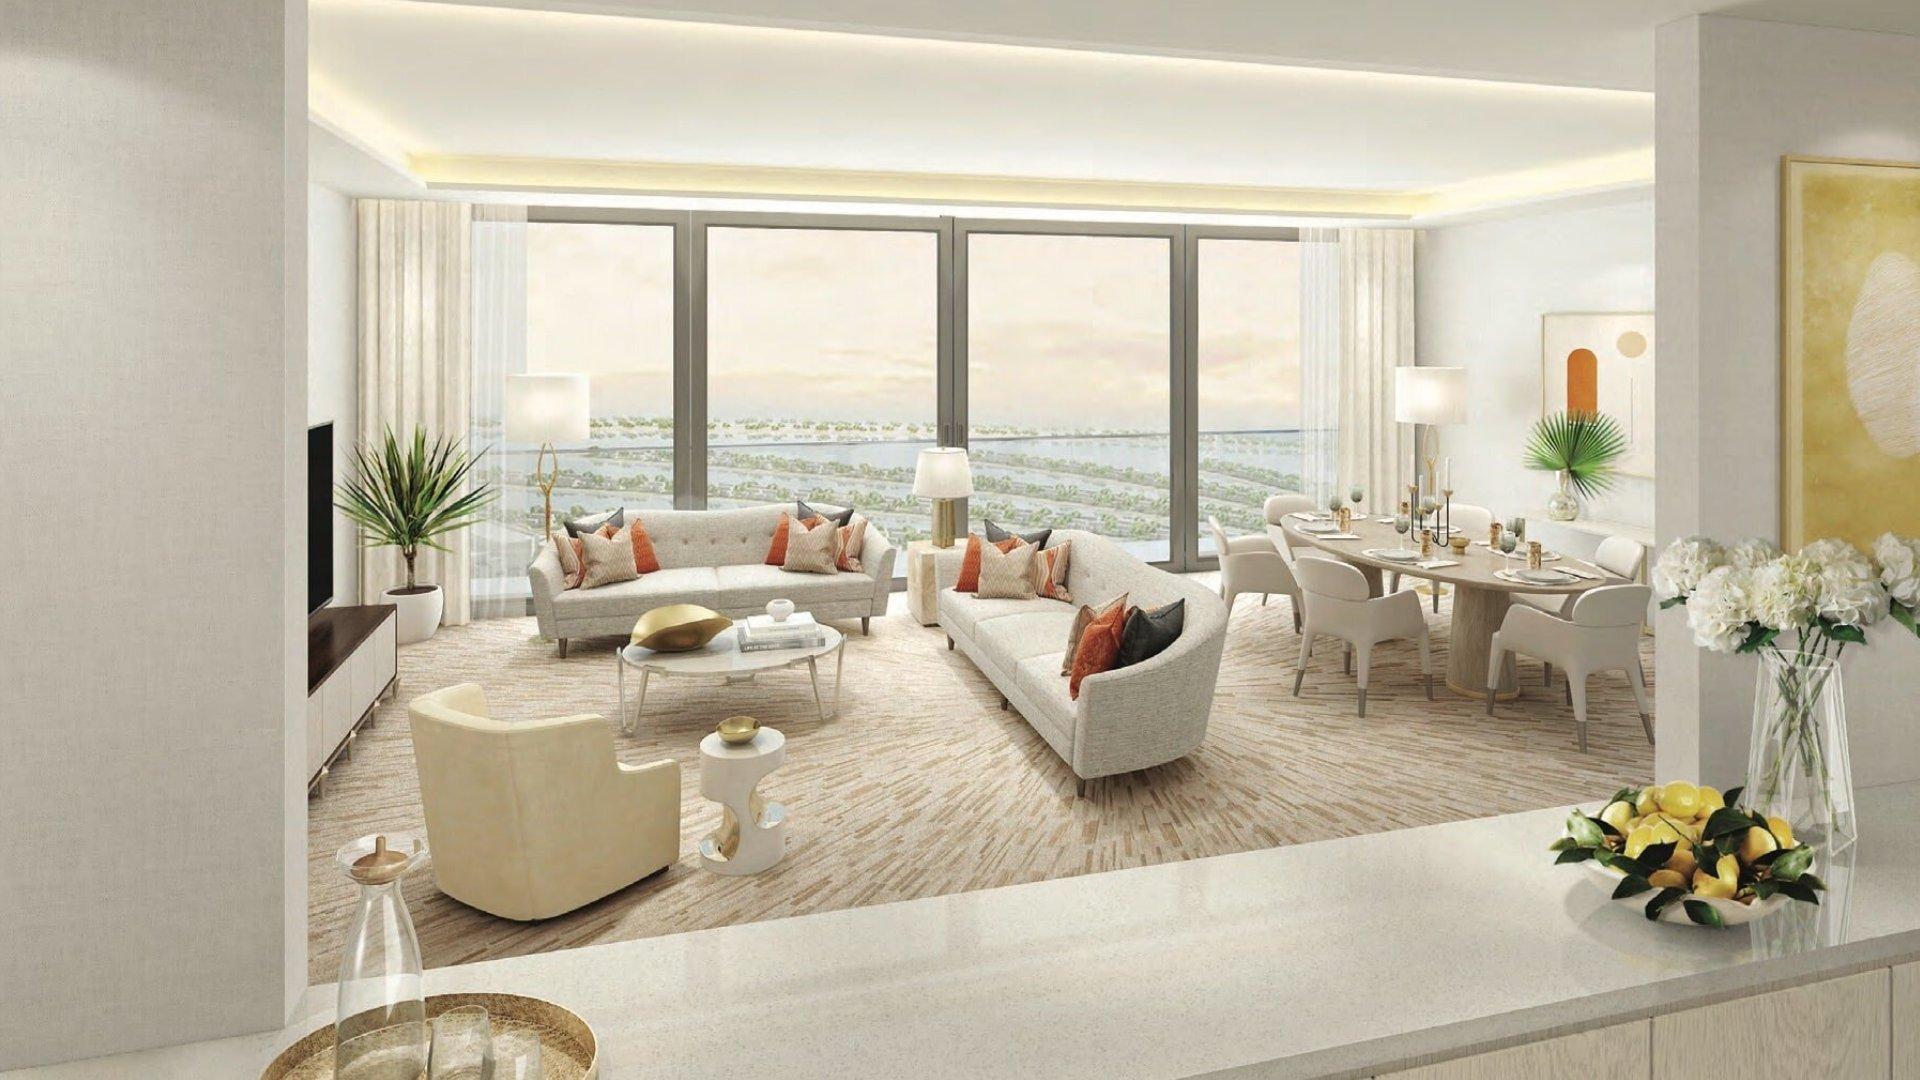 Apartamento en venta en Dubai, EAU, estudio, 49 m2, № 24466 – foto 1